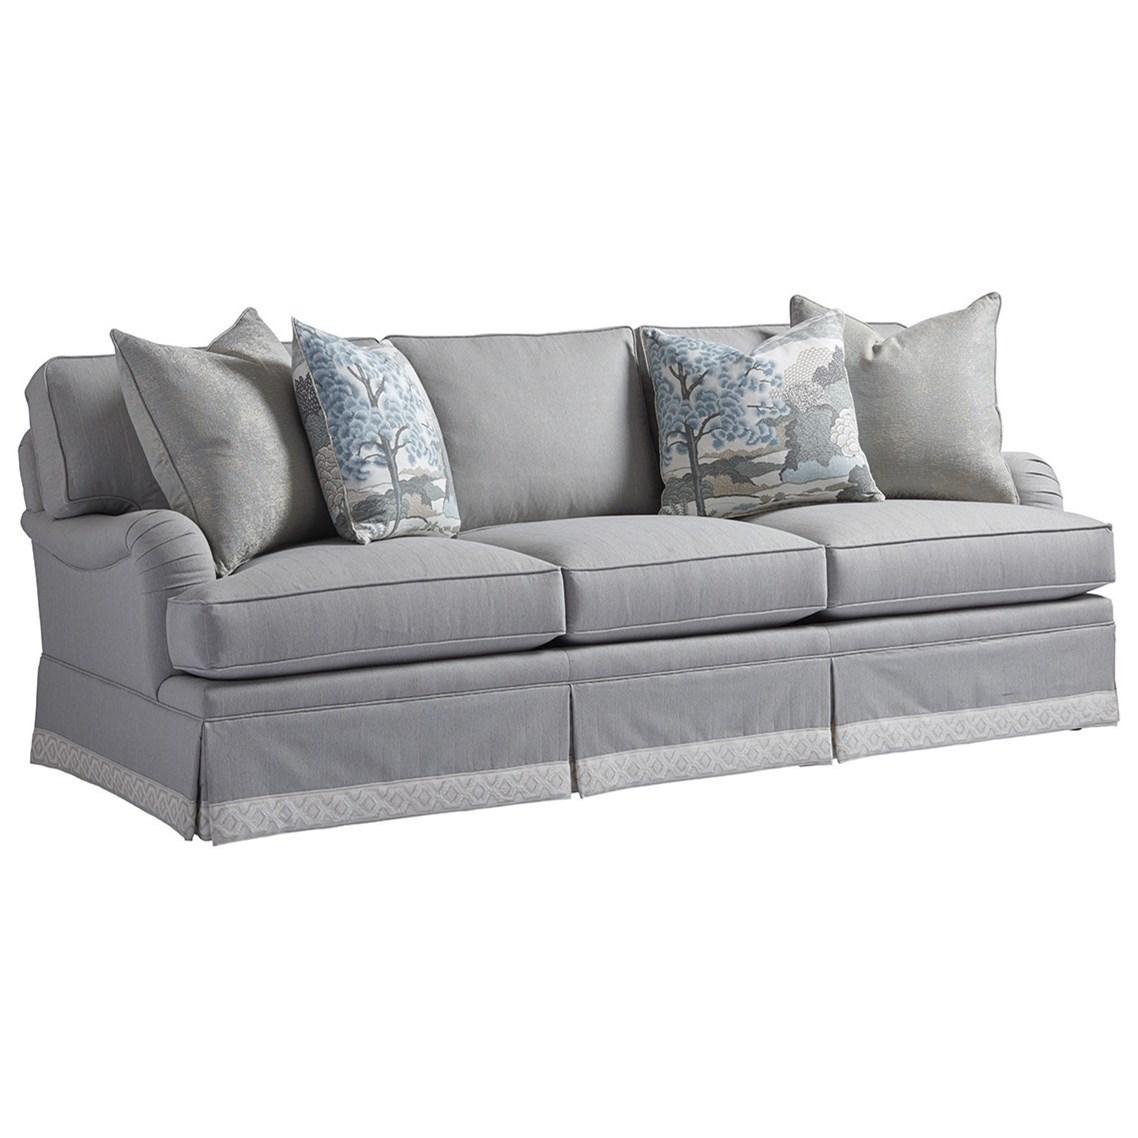 Barclay Butera Barclay Butera UpholsteryBlaire Sofa ...